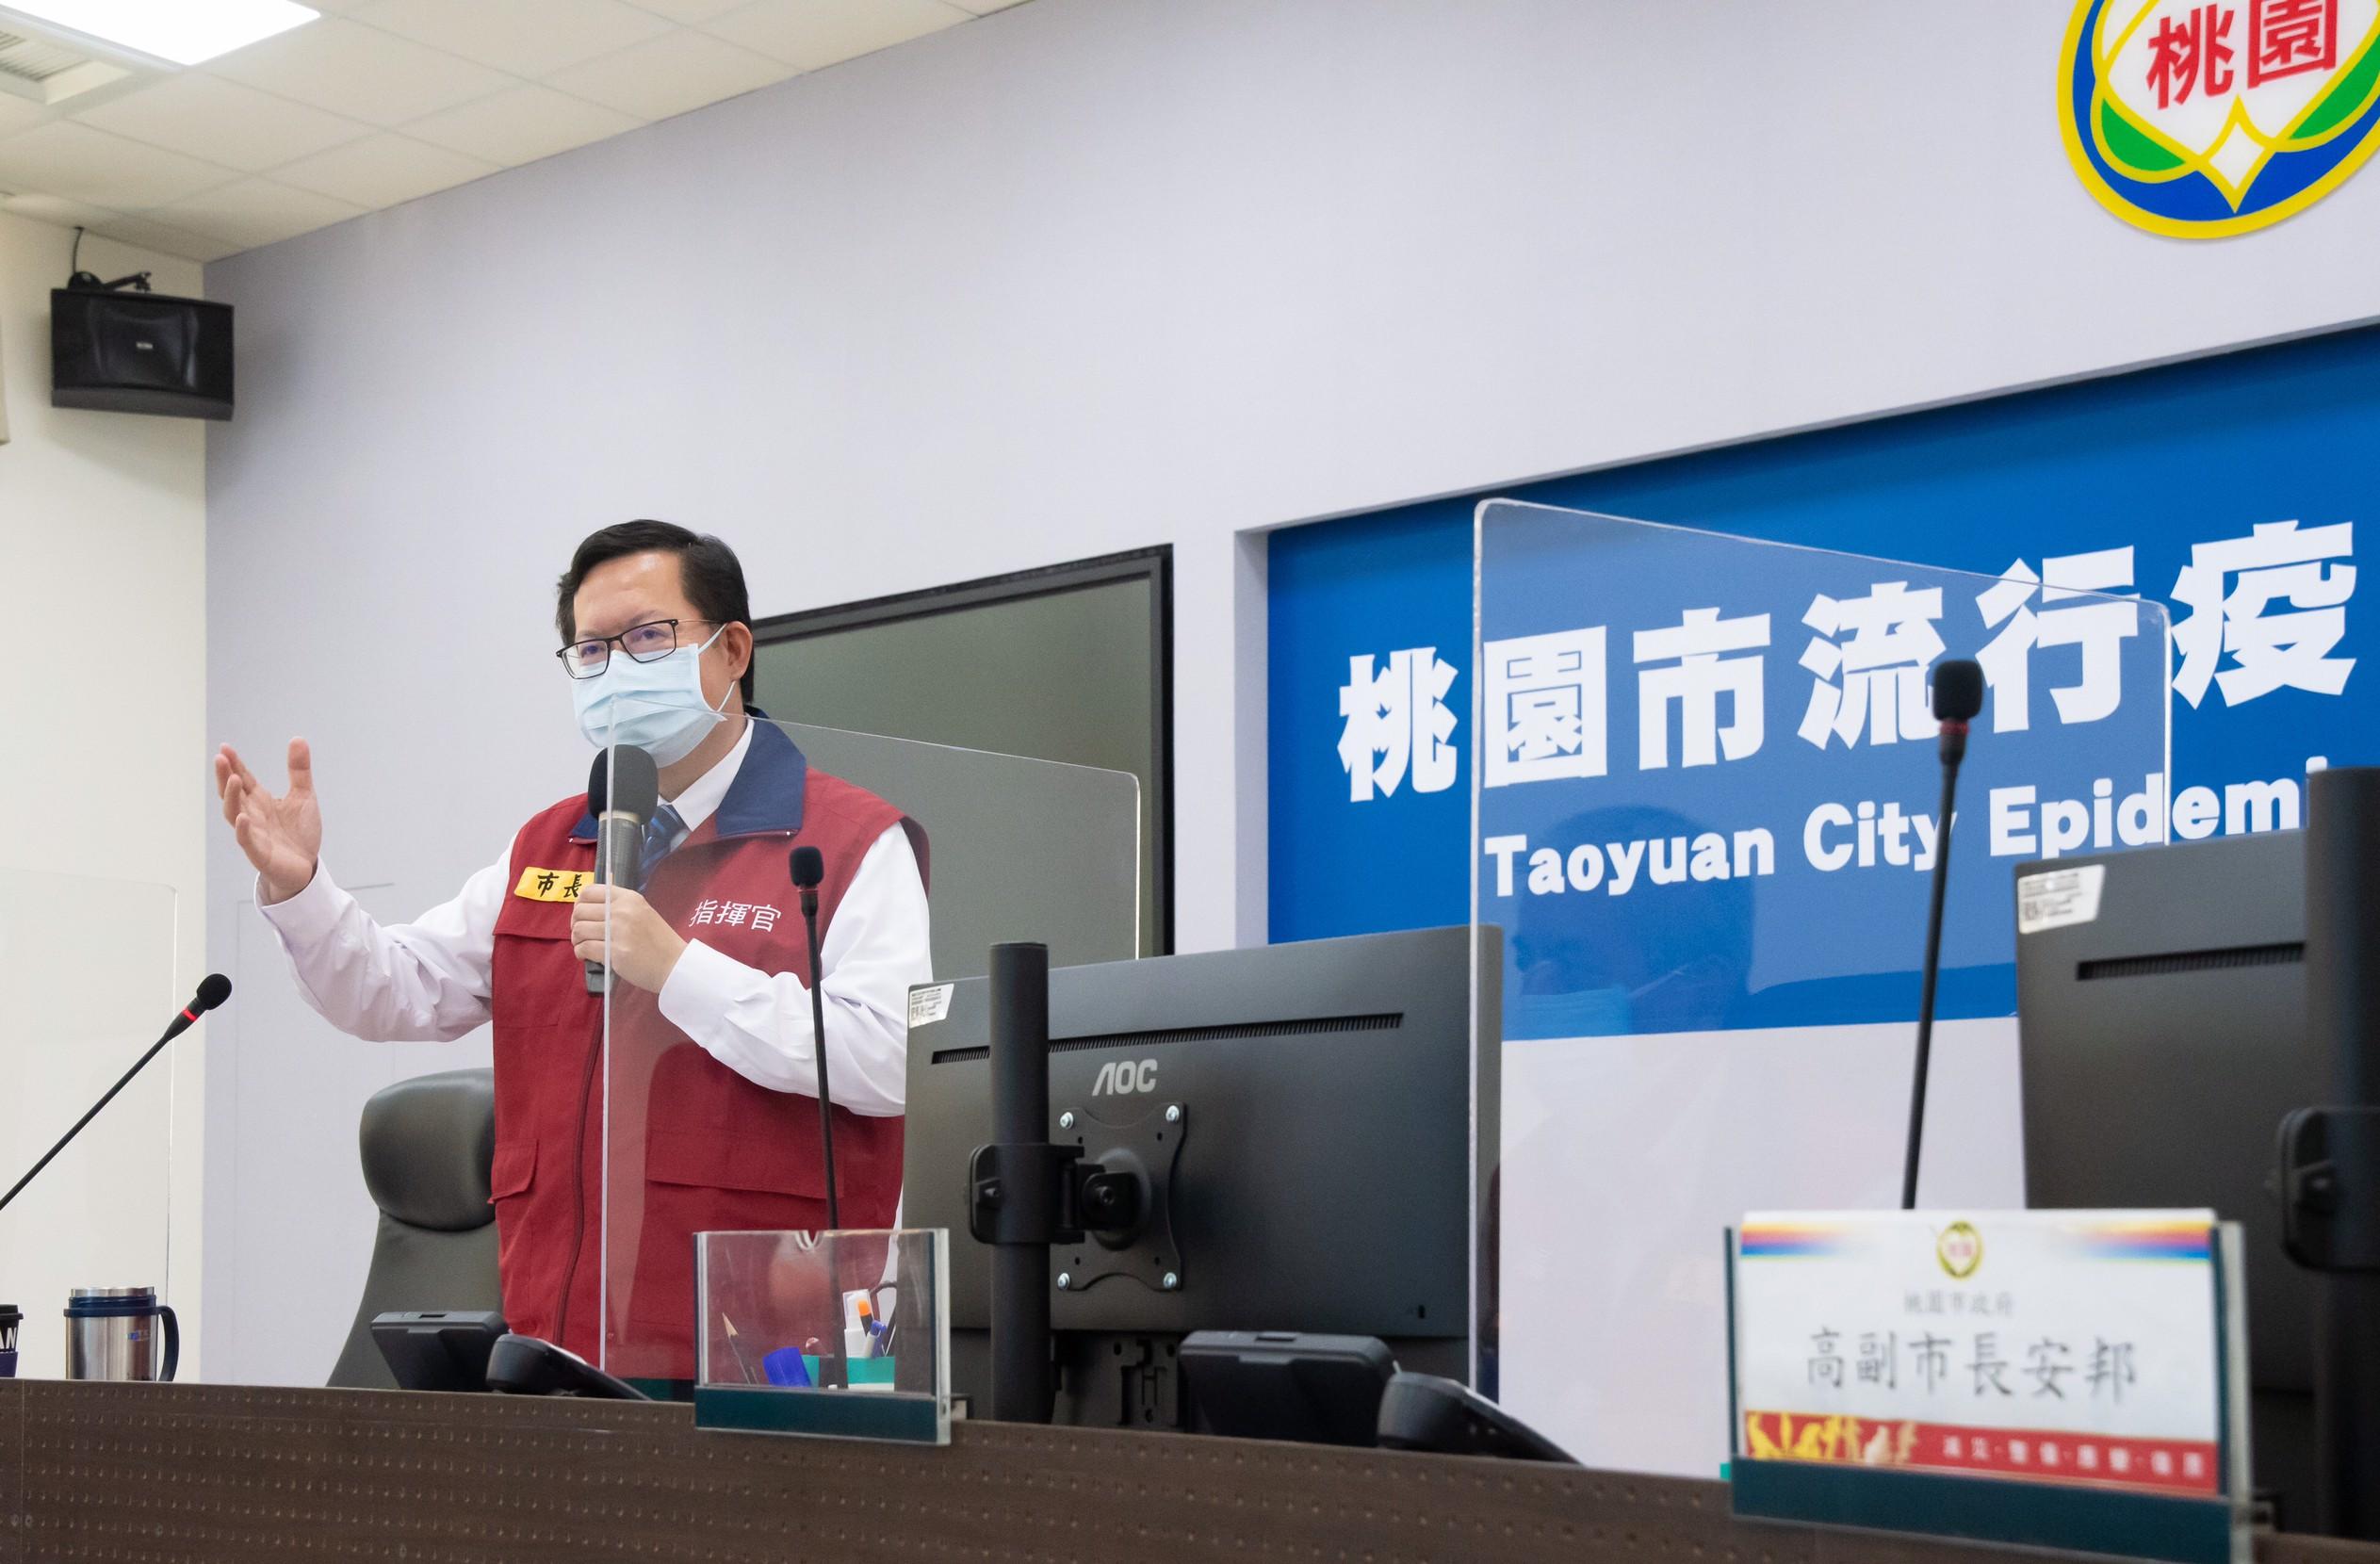 桃市首日高齡接種施打率62%,市府修正動線改善流